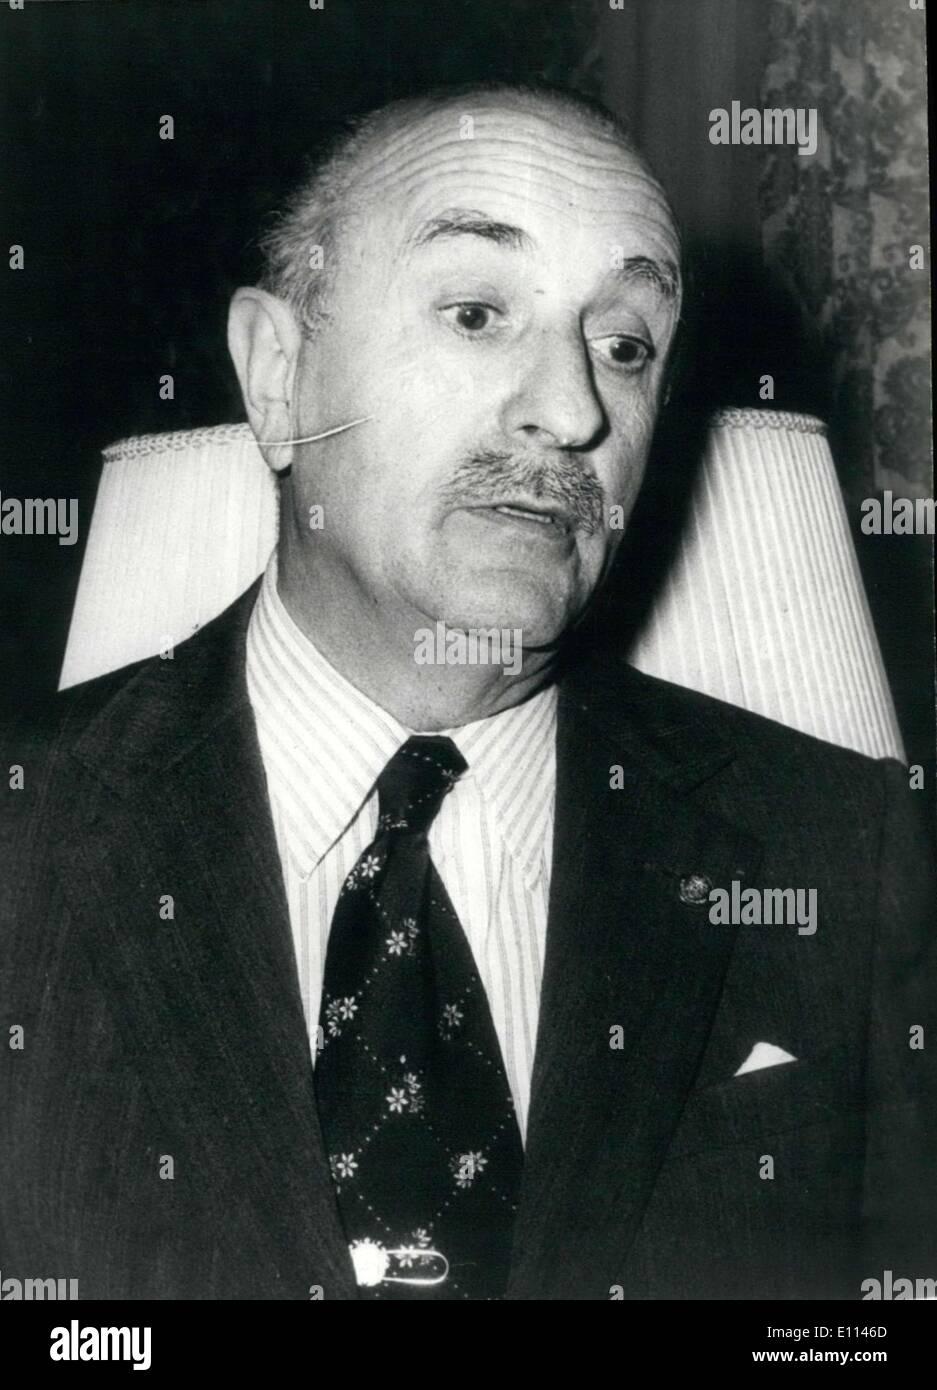 El 29 de octubre, 1975 - Aquí está un retrato de España con el Presidente de la Regencia, Alejandro Rodr?guez de Valc?rcel, quien está esperando hasta que el Príncipe Juan Carlos se realiza correctamente. Imagen De Stock